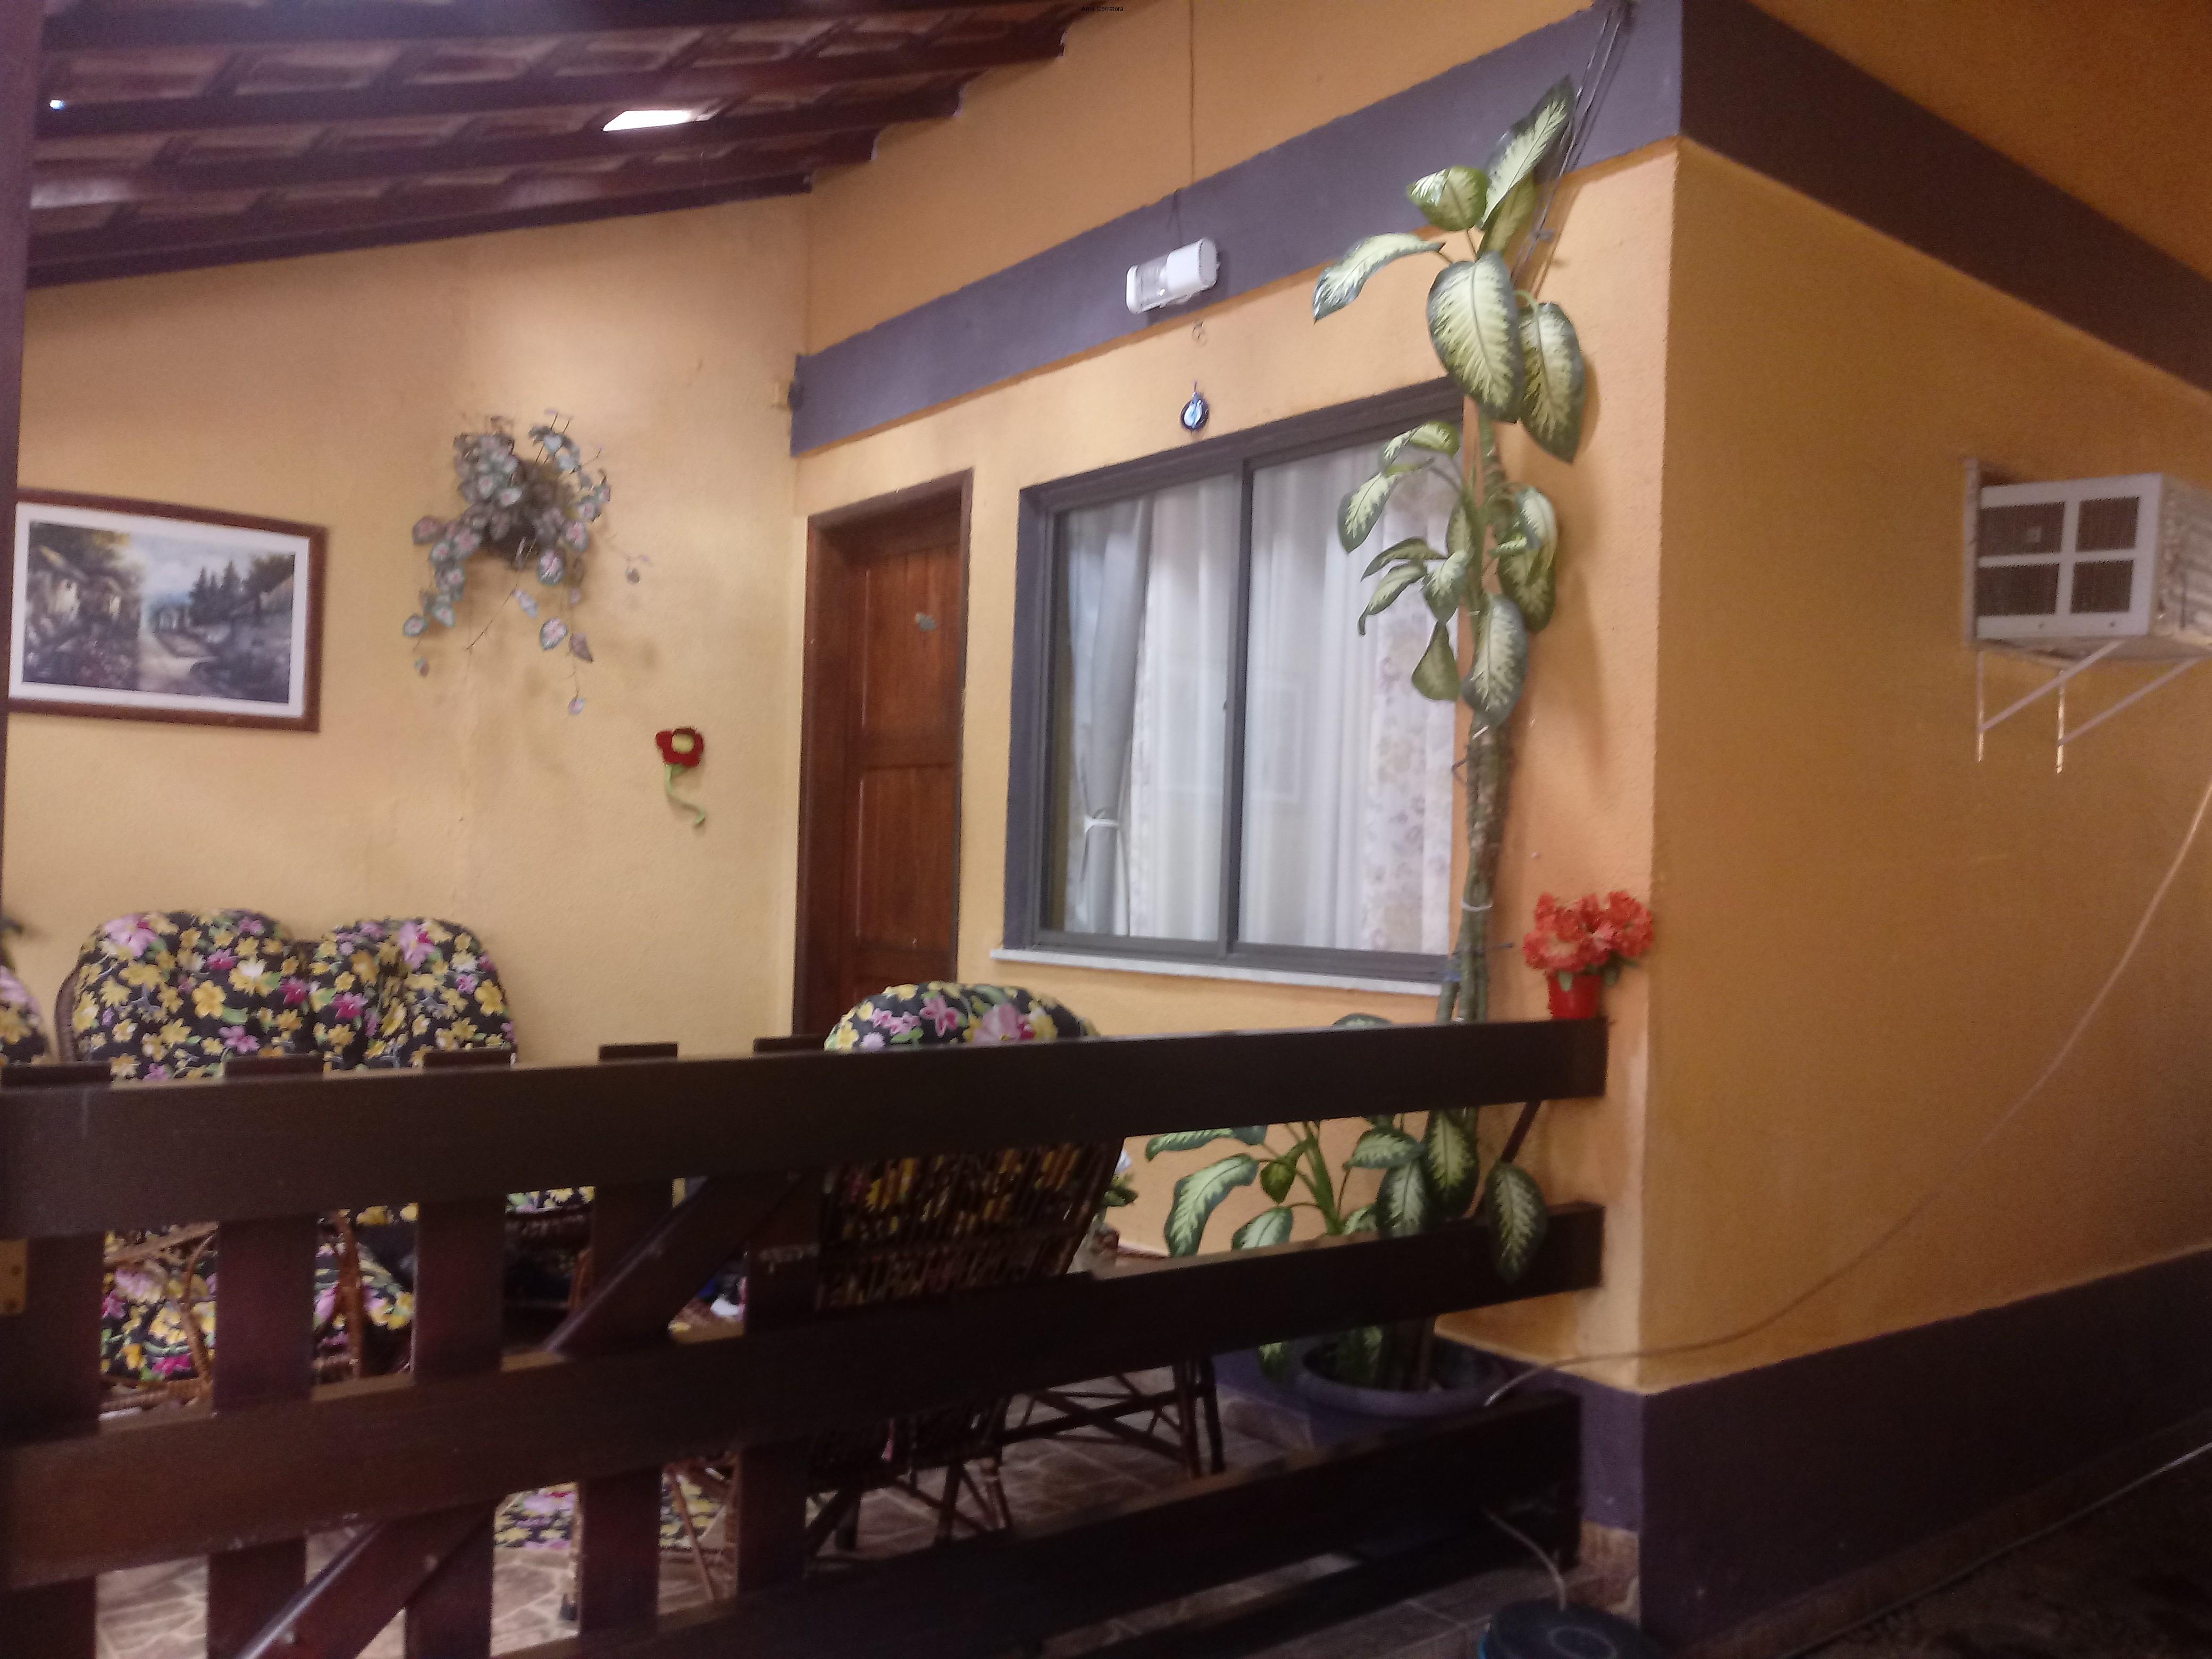 FOTO 01 - Casa 2 quartos à venda Campo Grande, Rio de Janeiro - R$ 298.000 - CA00662 - 1